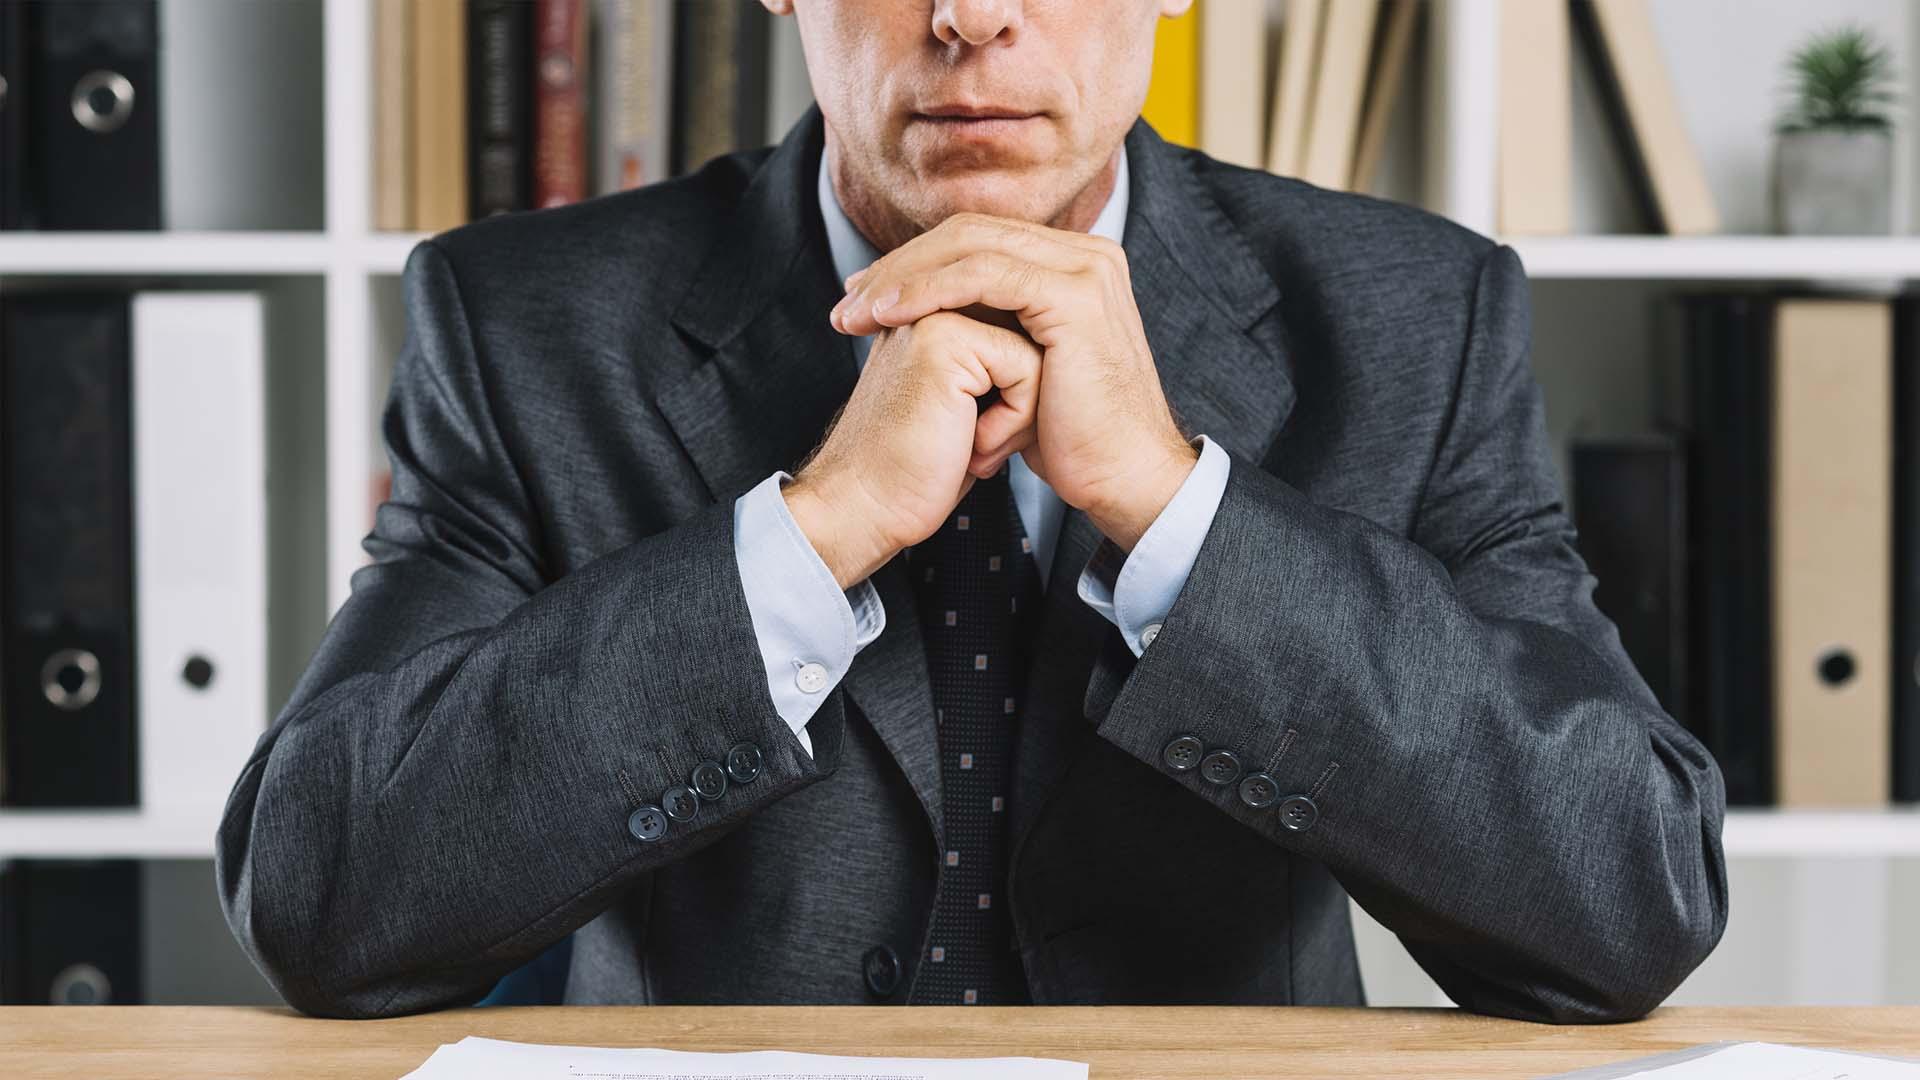 Вебинар: Как имидж руководителя влияет на успех компании